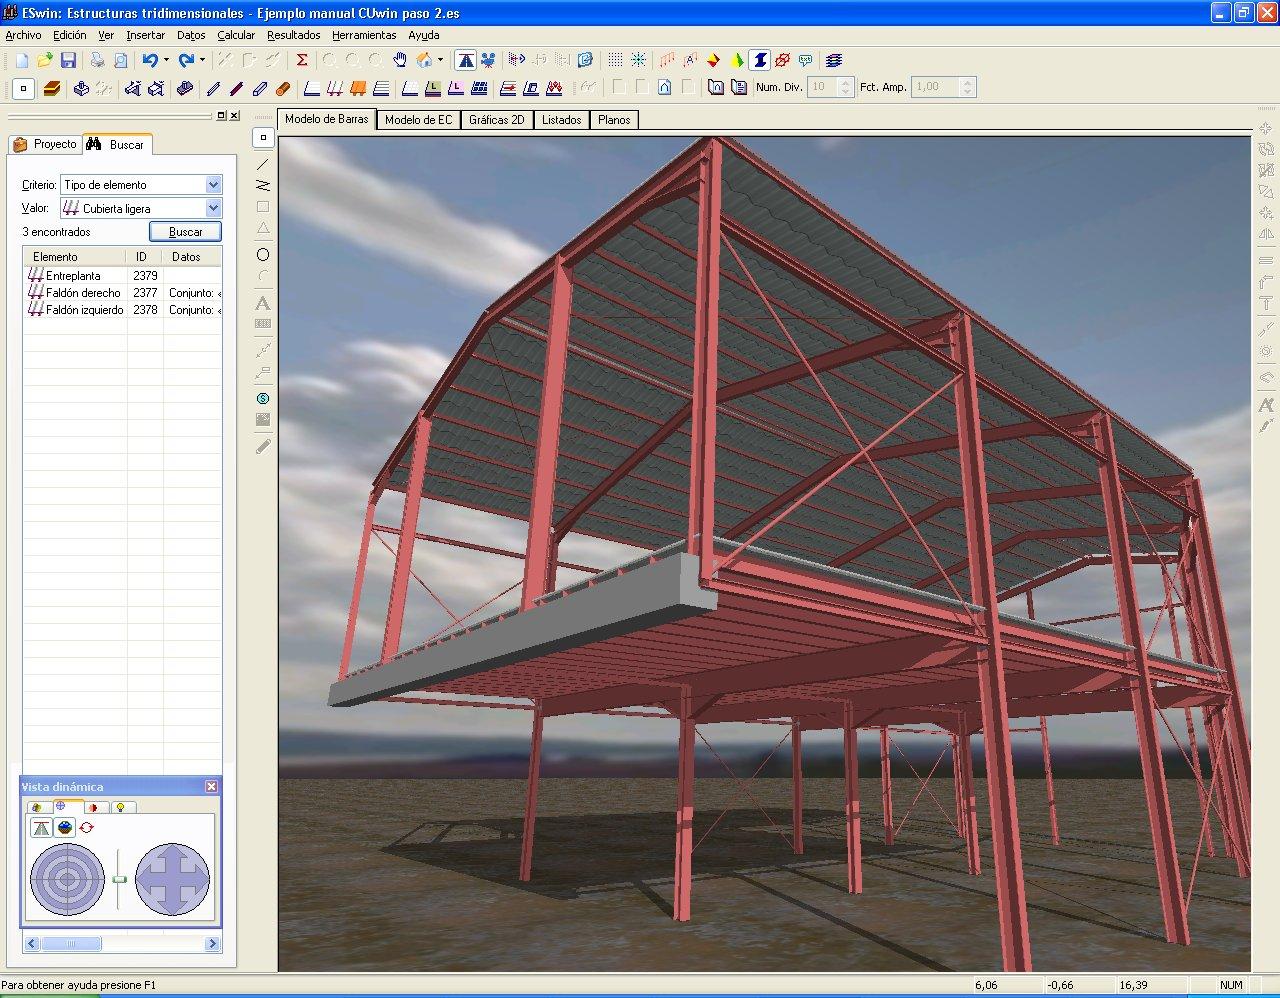 Imventa ingenieros software t cnico para ingenier a y arquitectura eswin paquete de - Estructuras metalicas ligeras ...